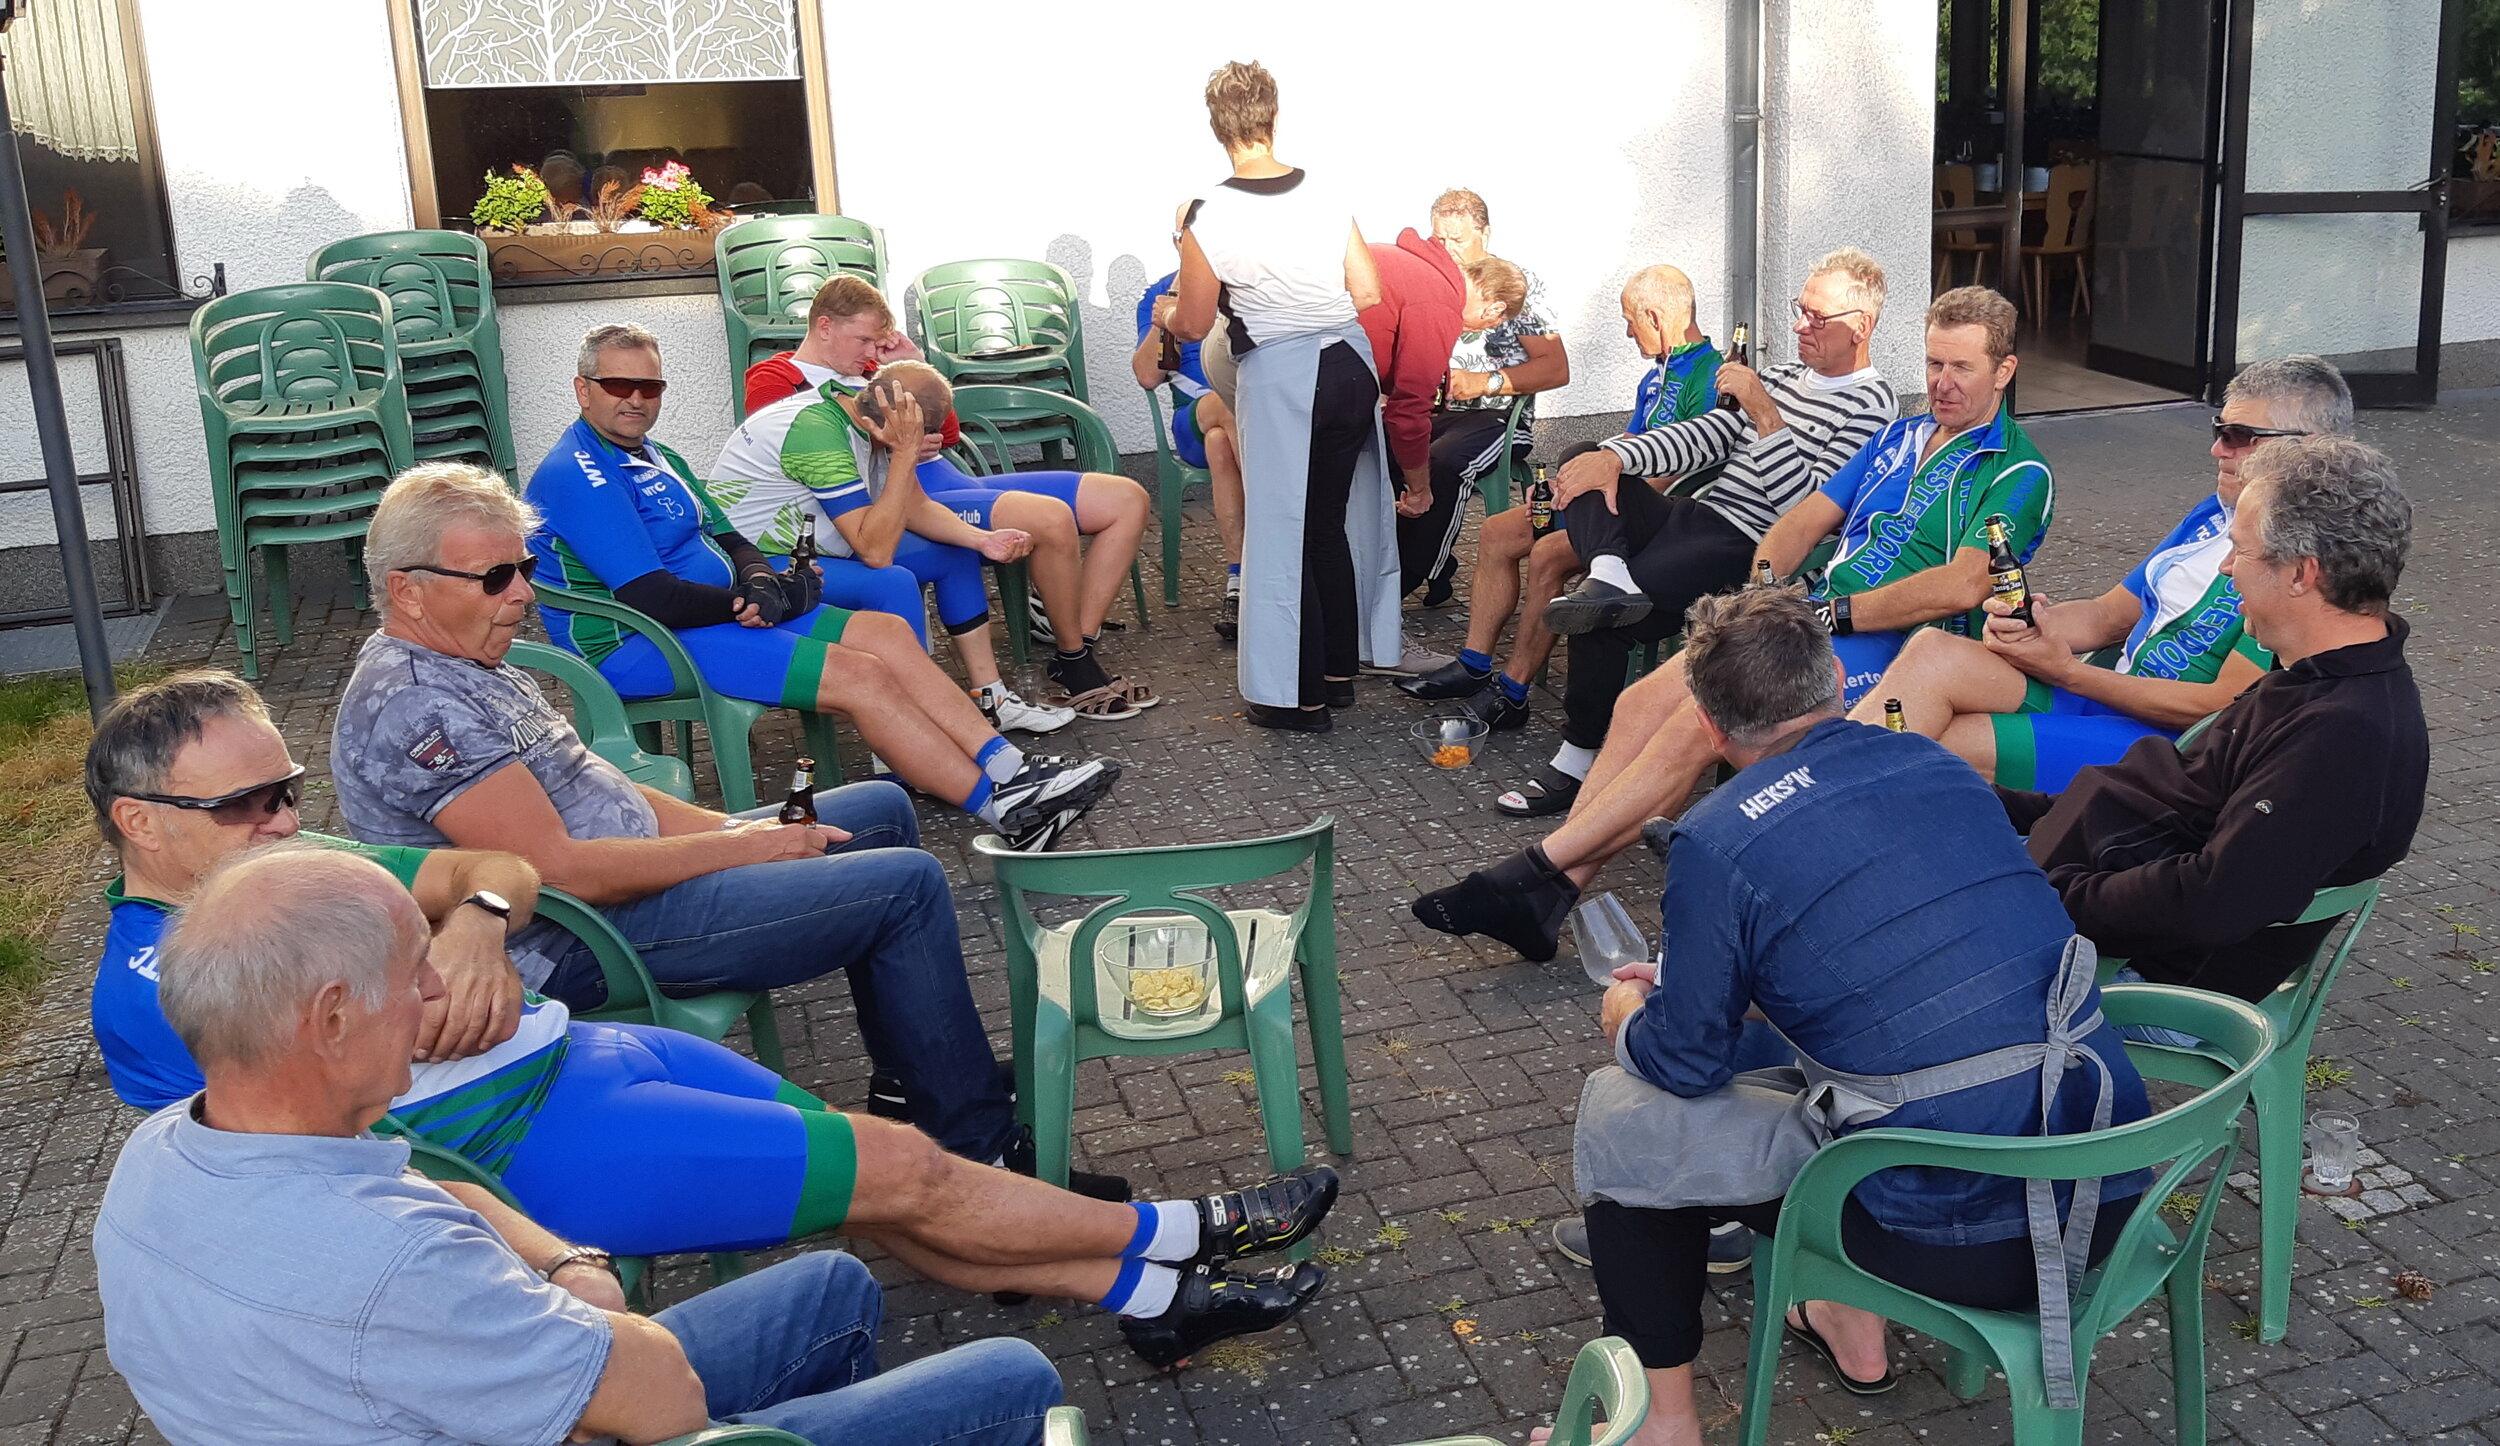 Maar gelukkig komt iedereen weer gezond en wel terug bij de accommodatie. Waarna we nog lekker even in het zonnetje buiten kunnen zitten. Het was een fantastische fietsdag!